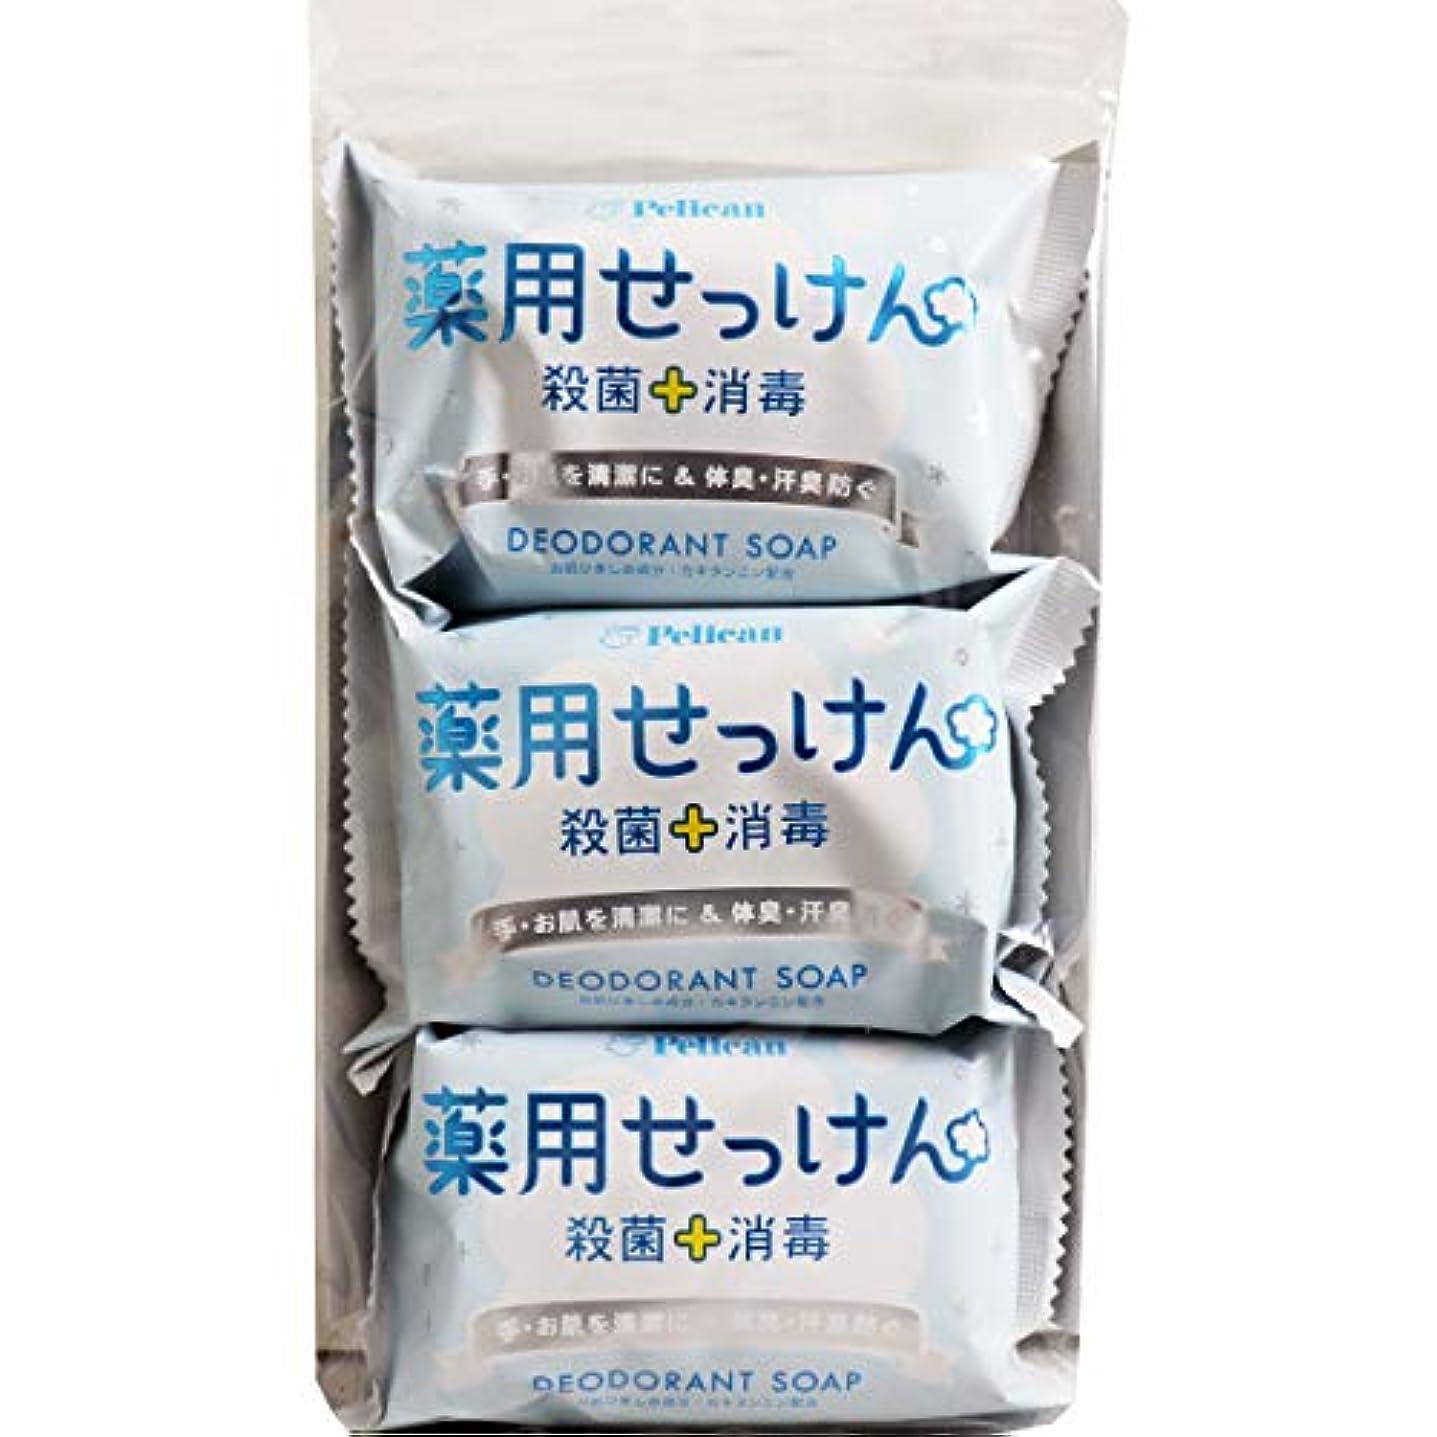 軍団削減ガロンペリカン石鹸 薬用石けん 85g×3個×4パック